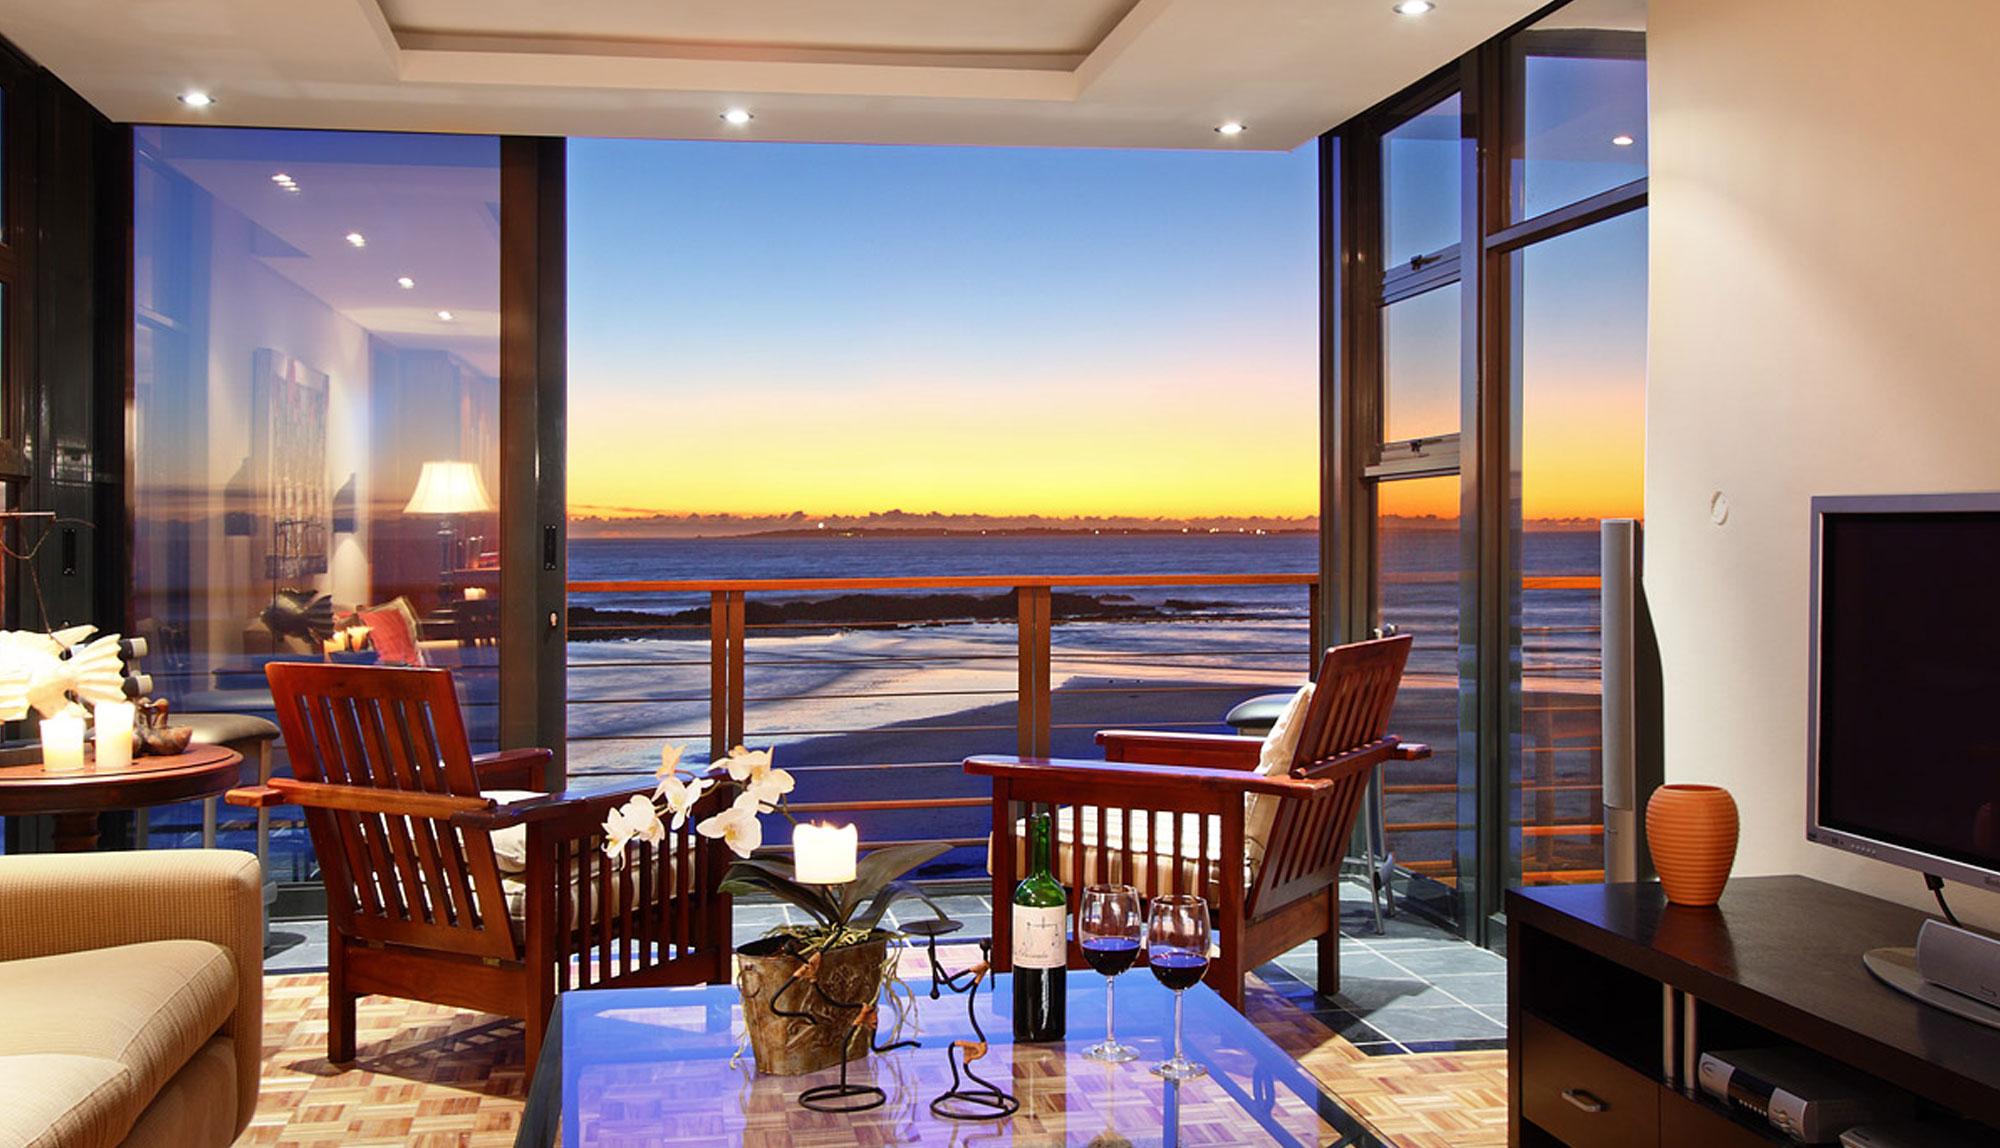 Big Bay Accommodation Holiday Rentals Villas Apartments